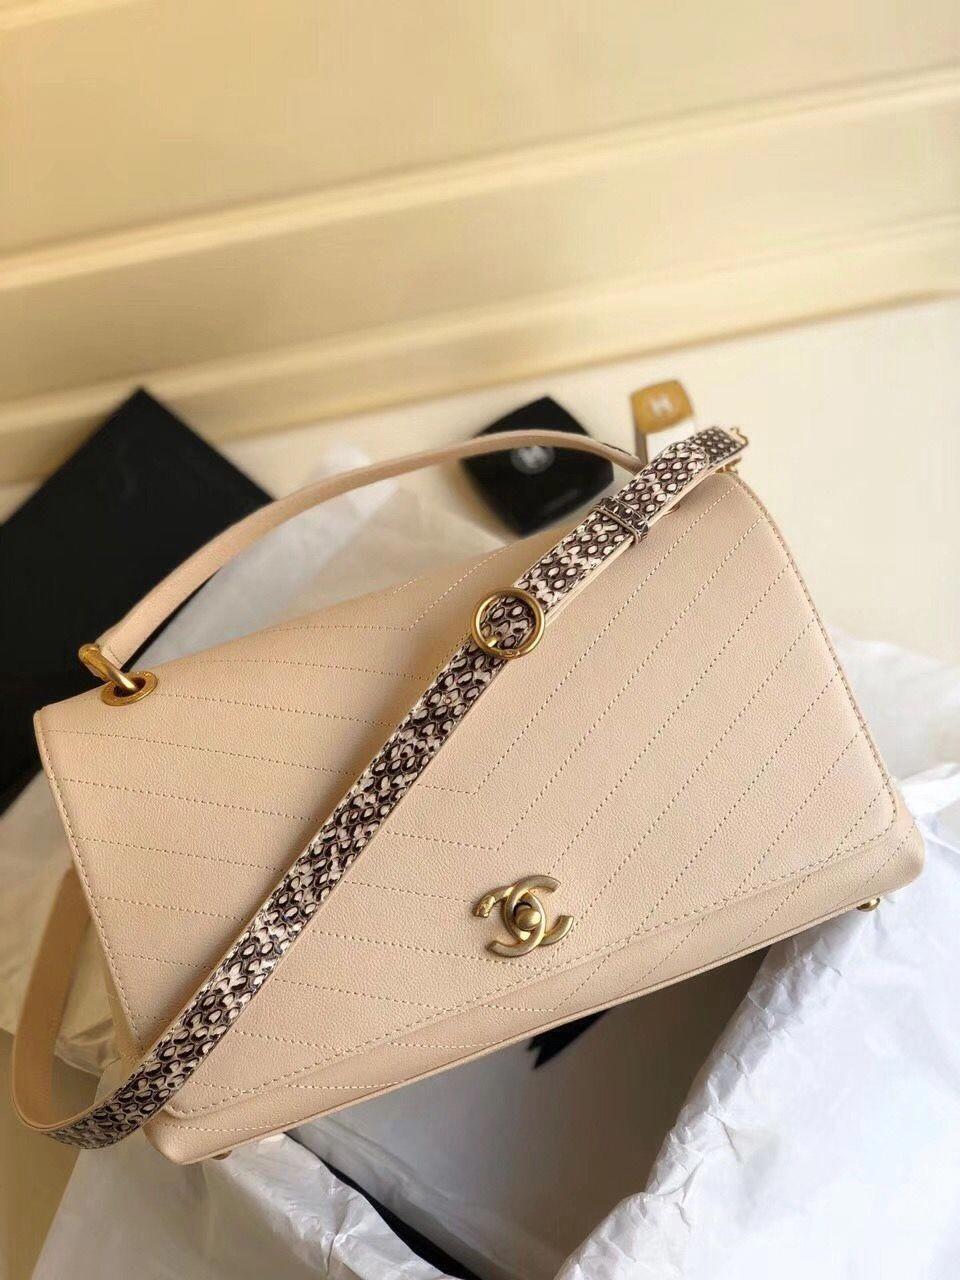 6b14917d3f0da9 chanel handbags at nordstrom #Chanelhandbags | Chanel handbags in ...